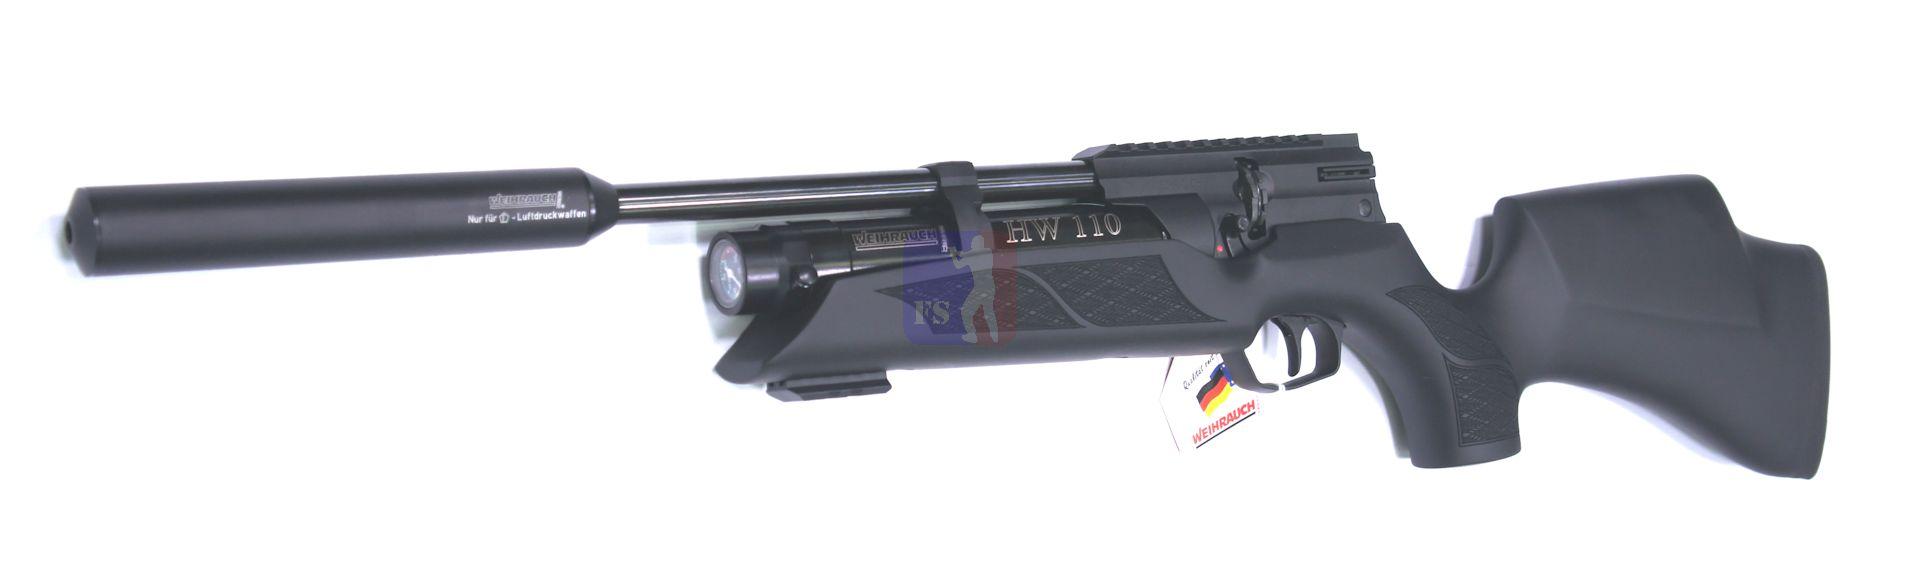 Weihrauch HW 110 ST/K